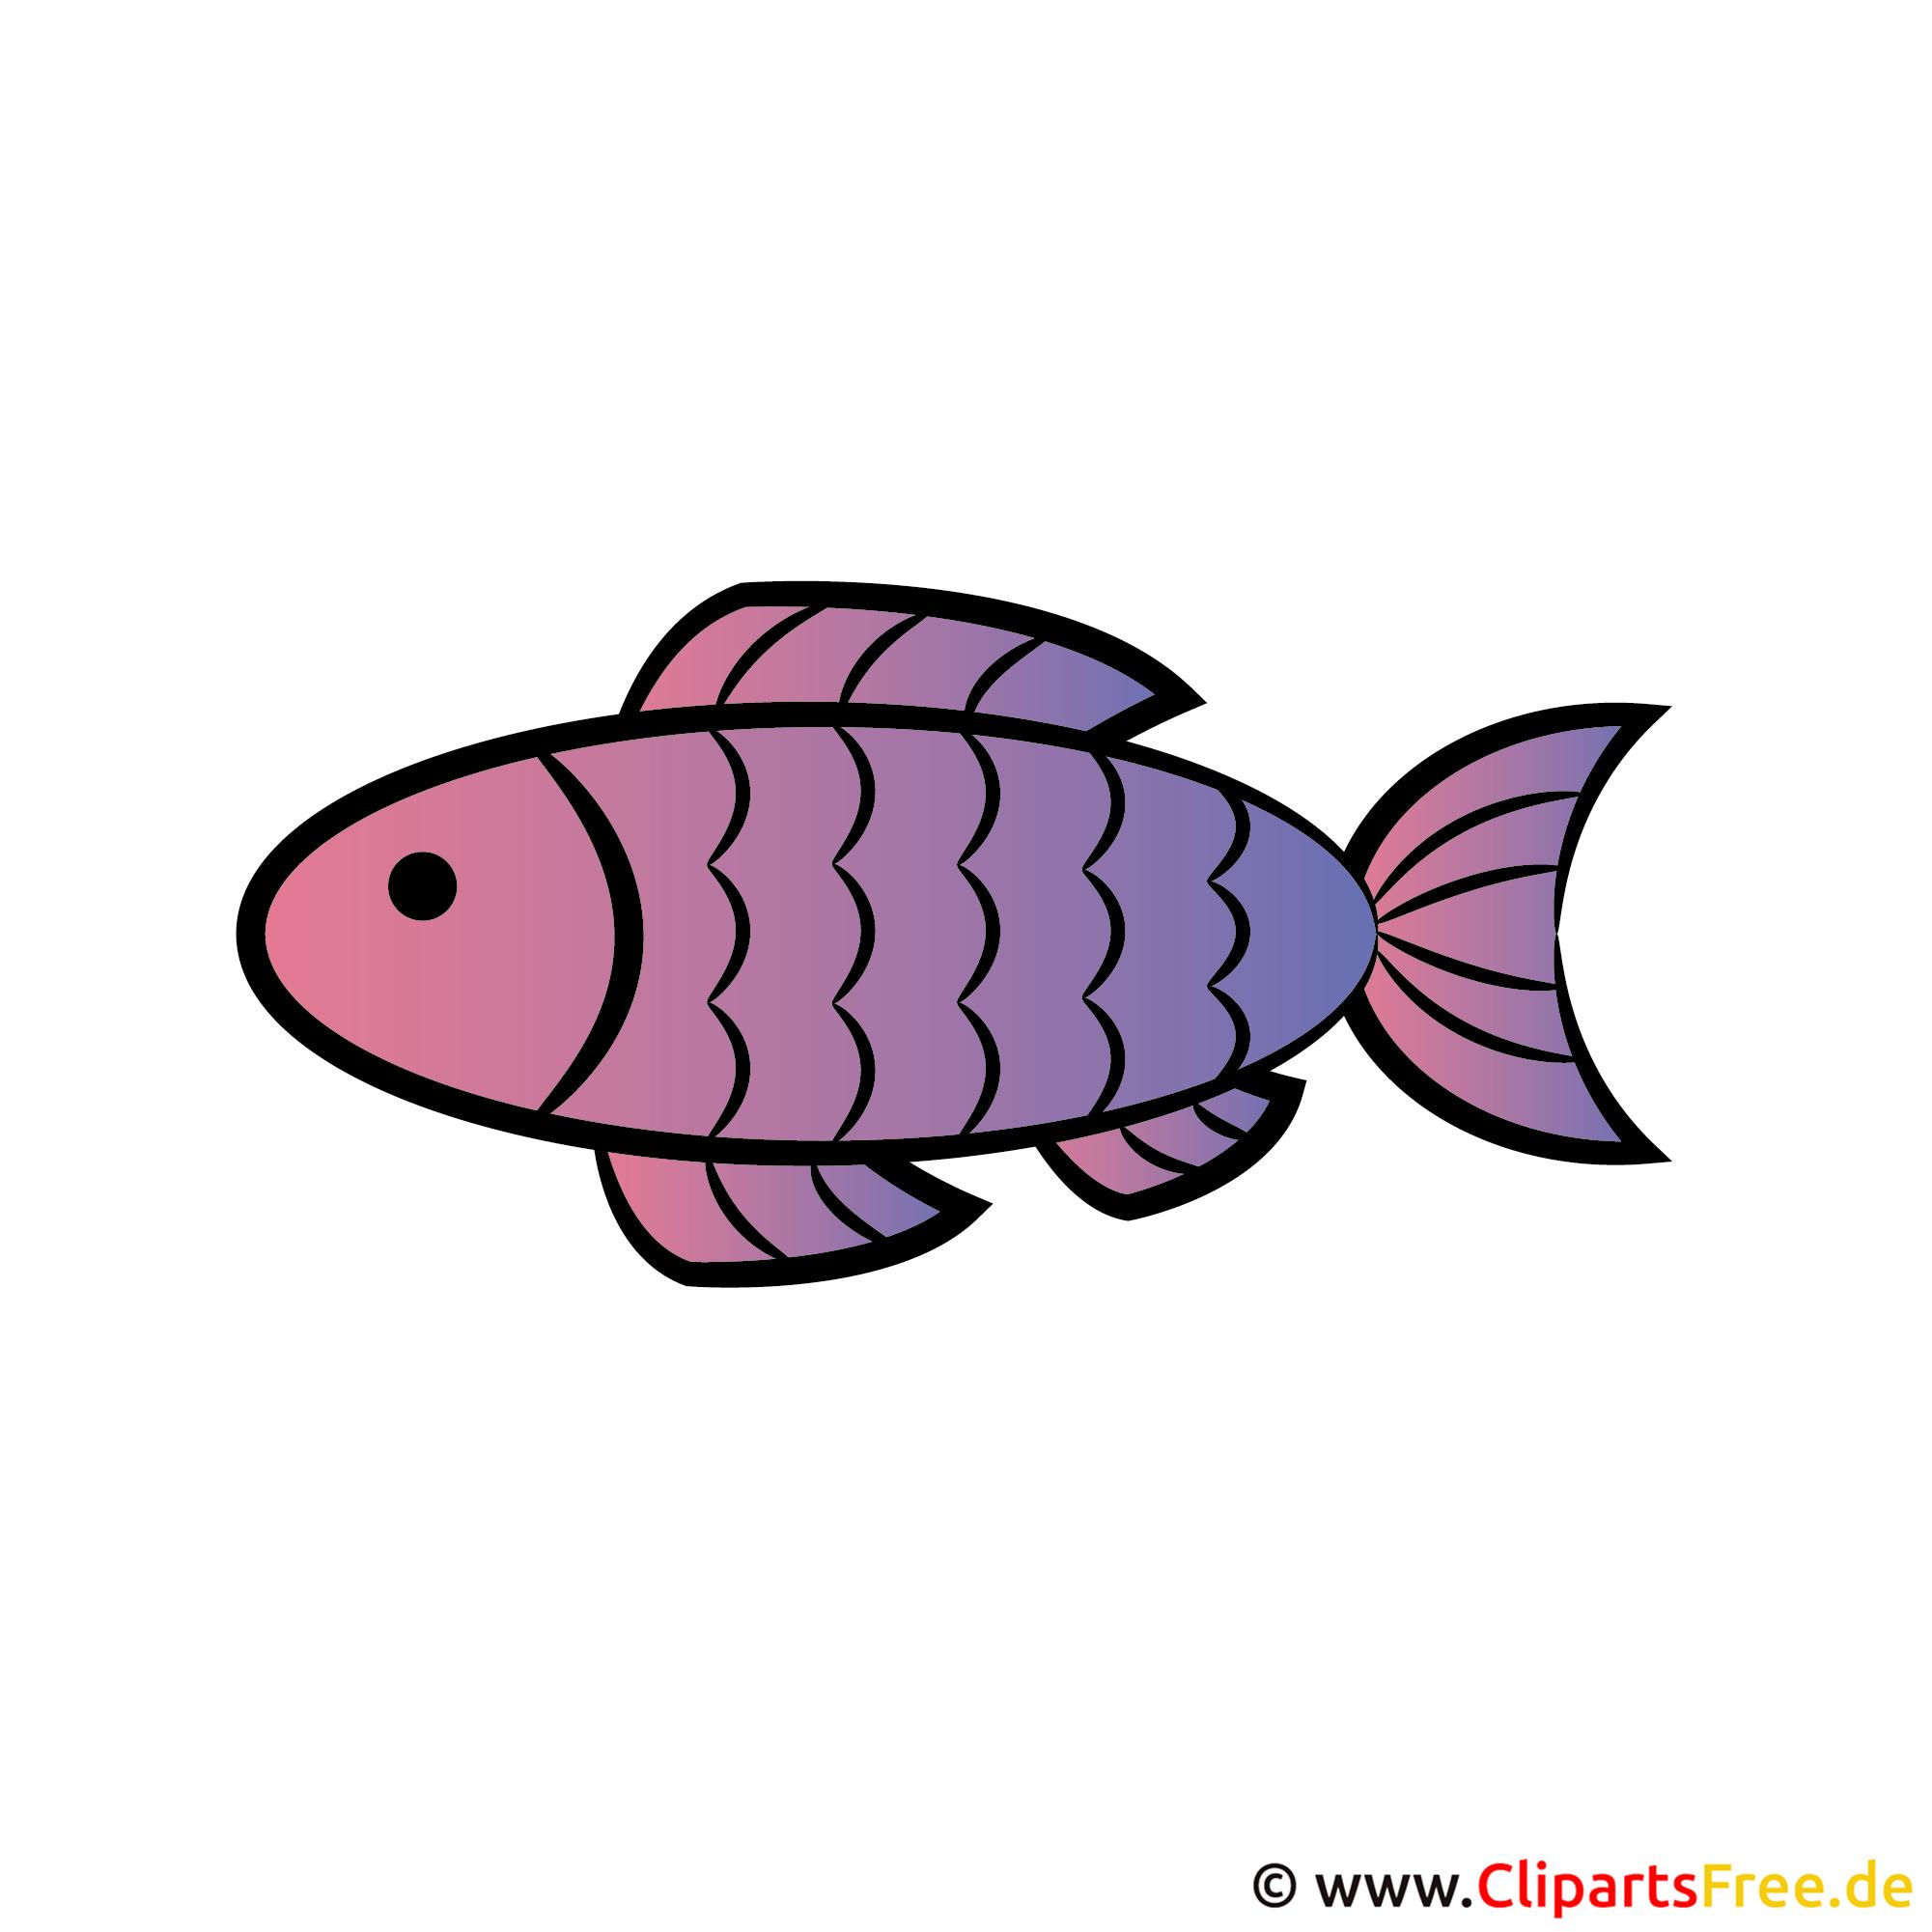 Cartoon Fisch - Einladungen für Kommunion mit gratis Cliparts gestalten